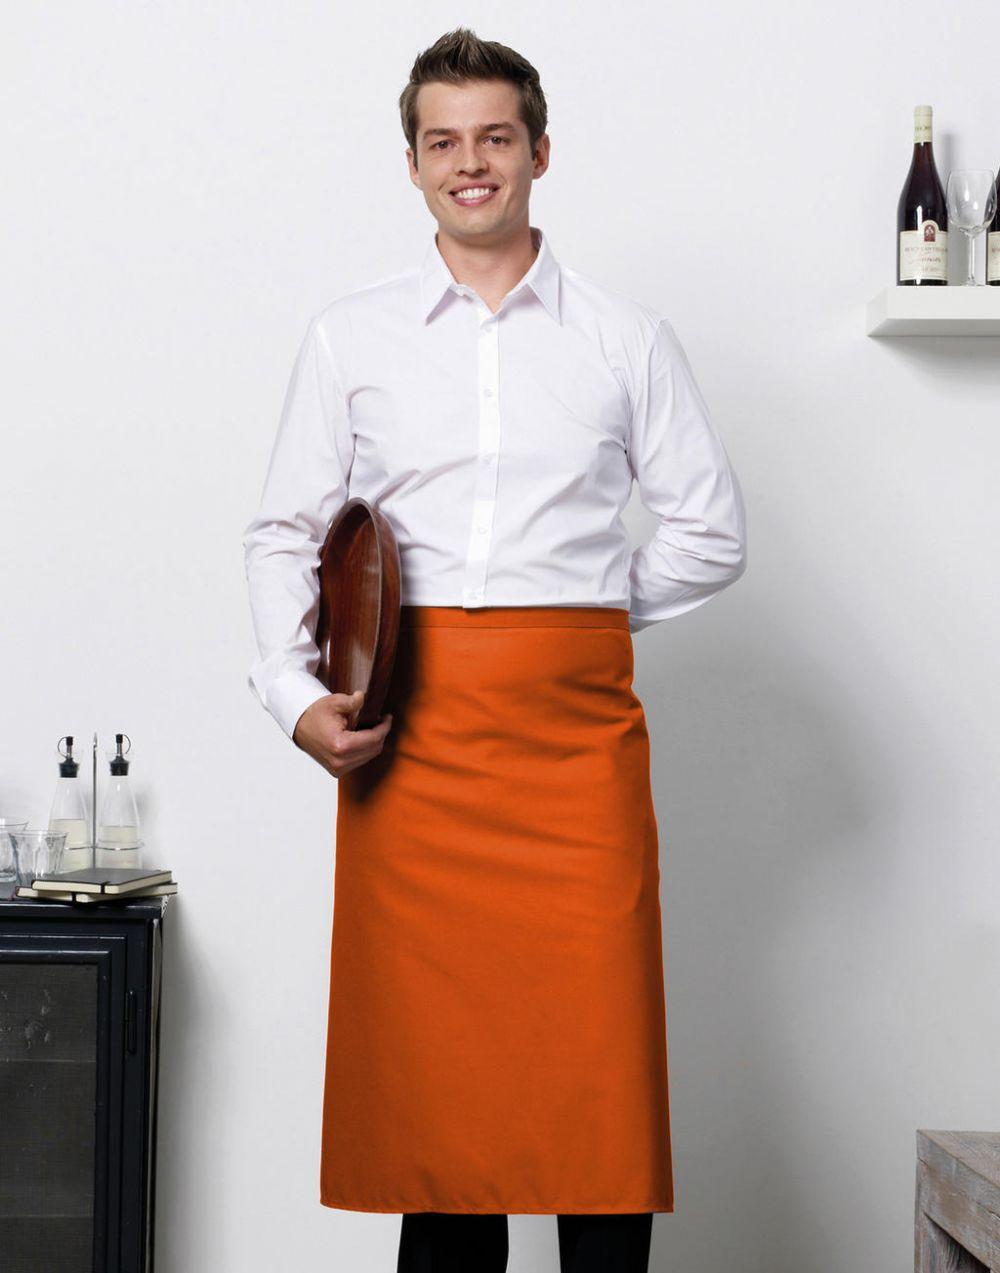 Delantales de hostelería bistro by jassz rome con logo imagen 1